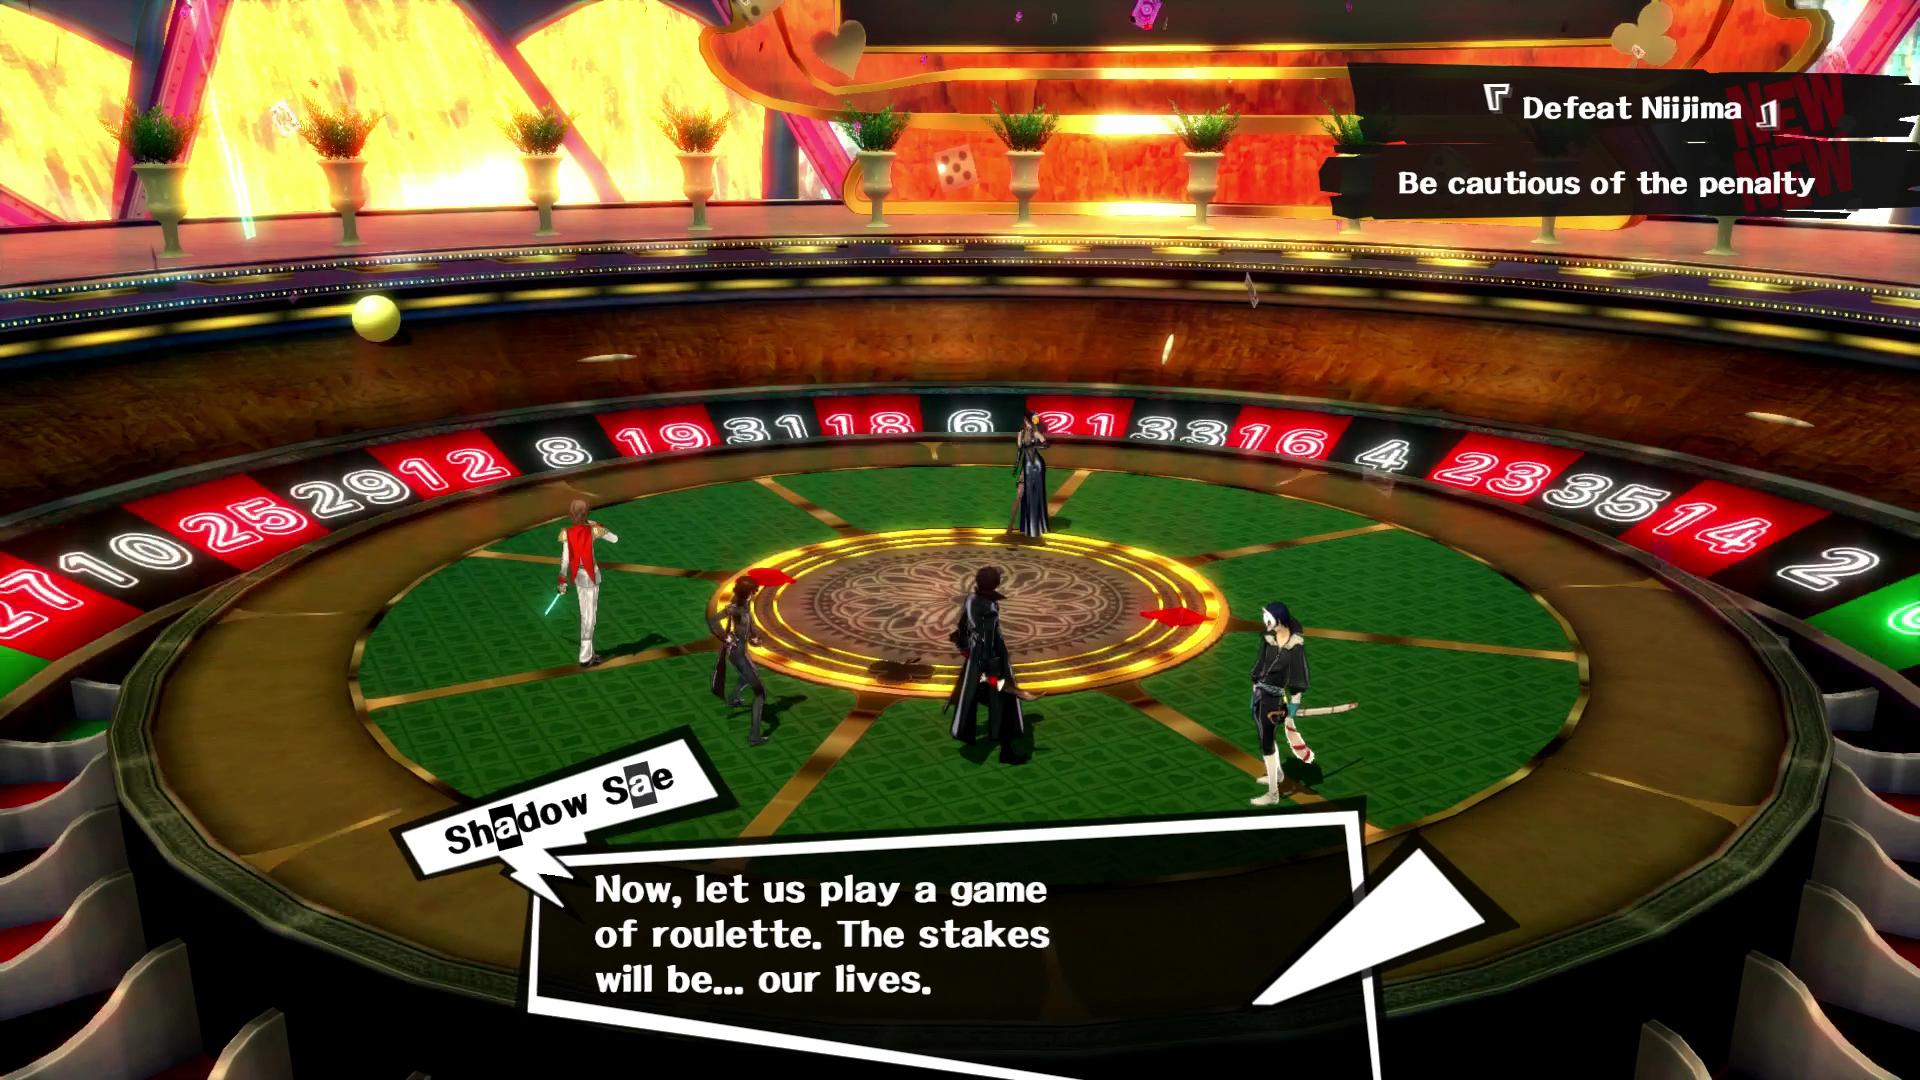 Persona 5 sae roulette